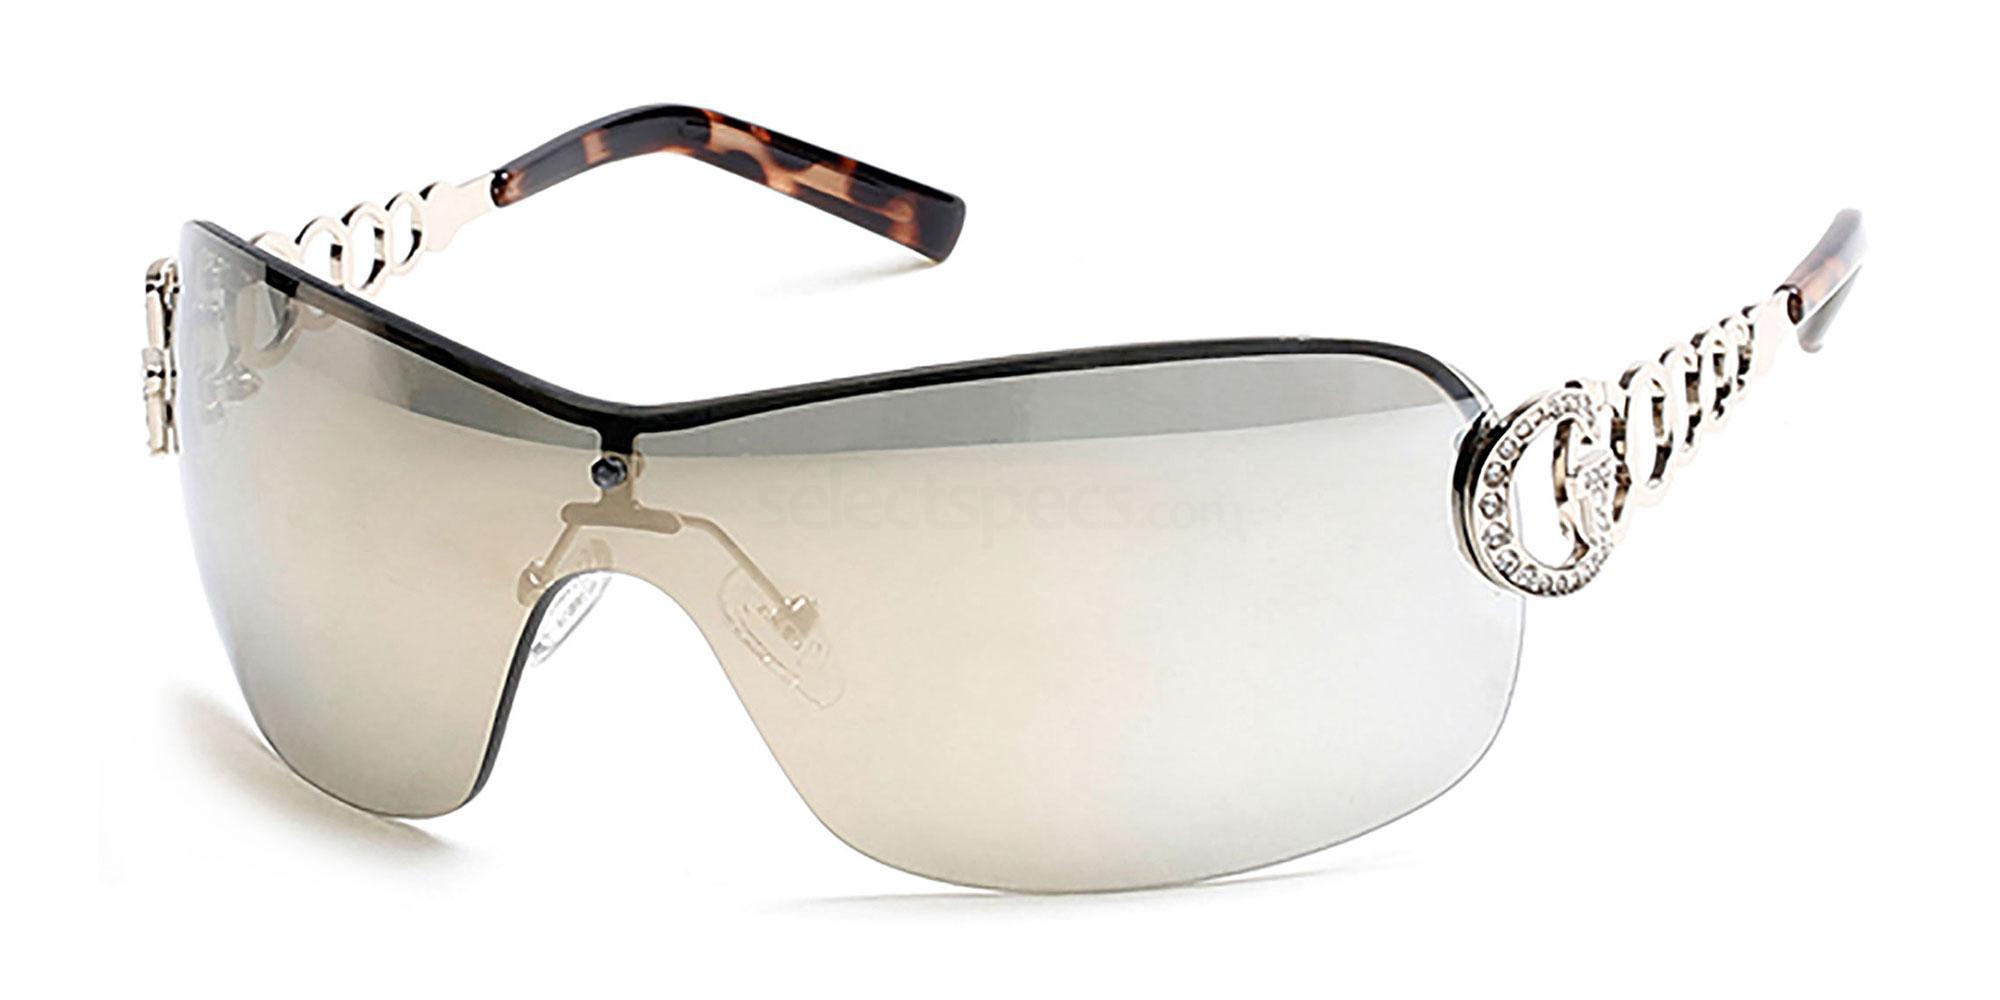 32C GU6509 Sunglasses, Guess